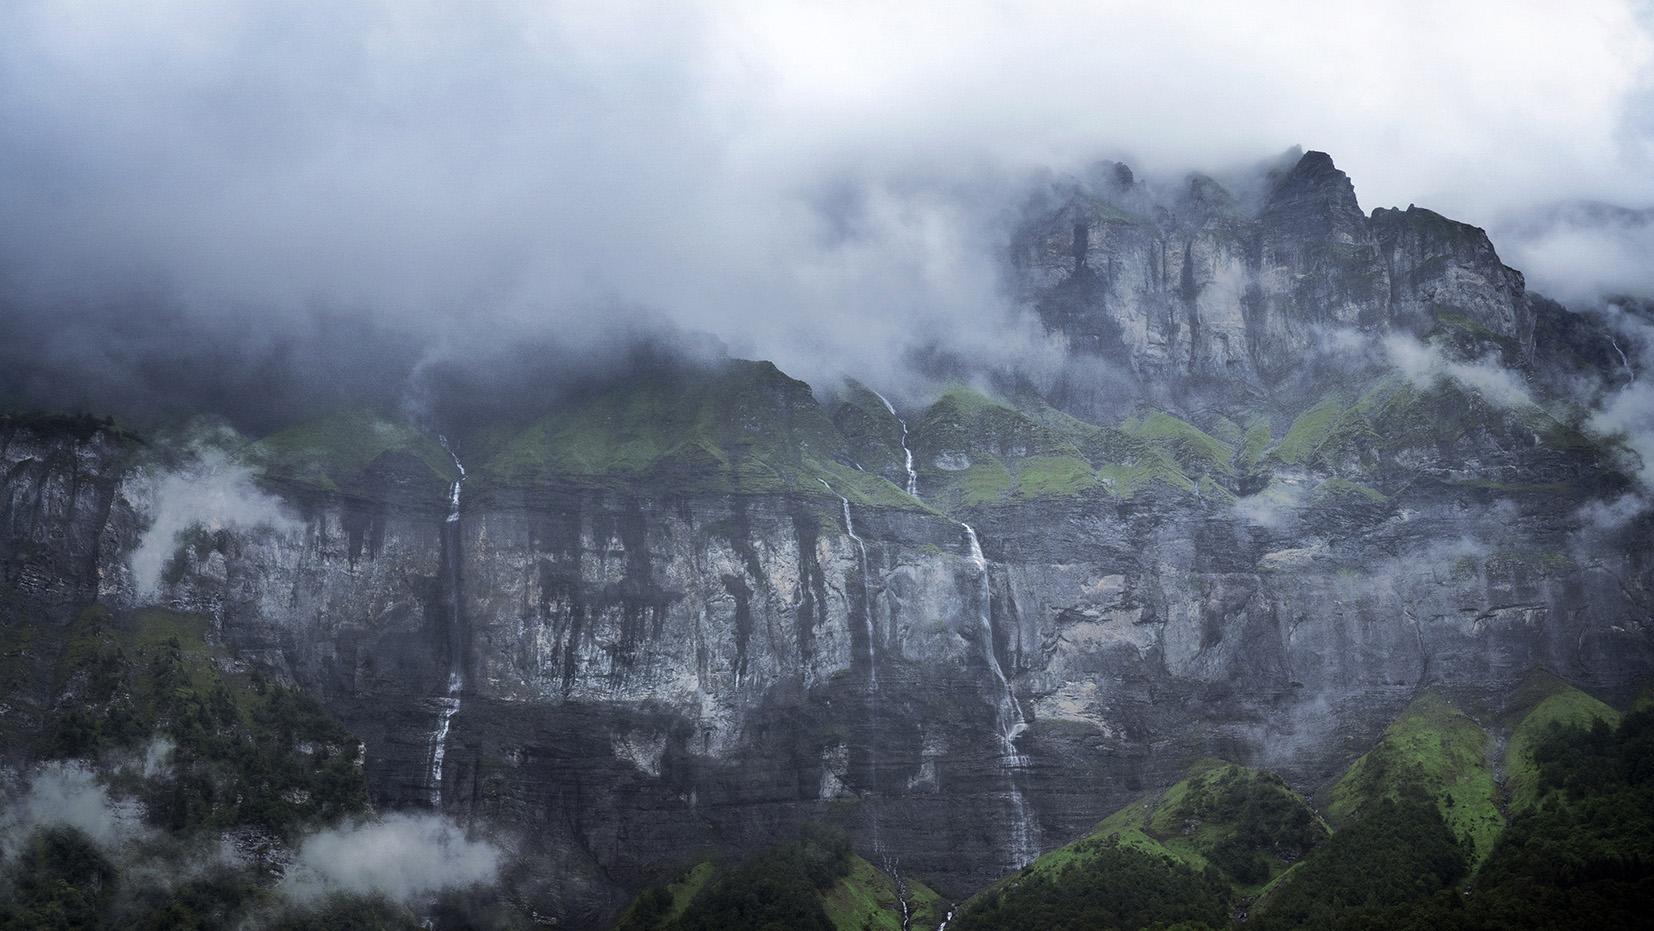 Cirque du Fer-à-Cheval Sixt cascades nuages noirs montagnes Haute-Savoie